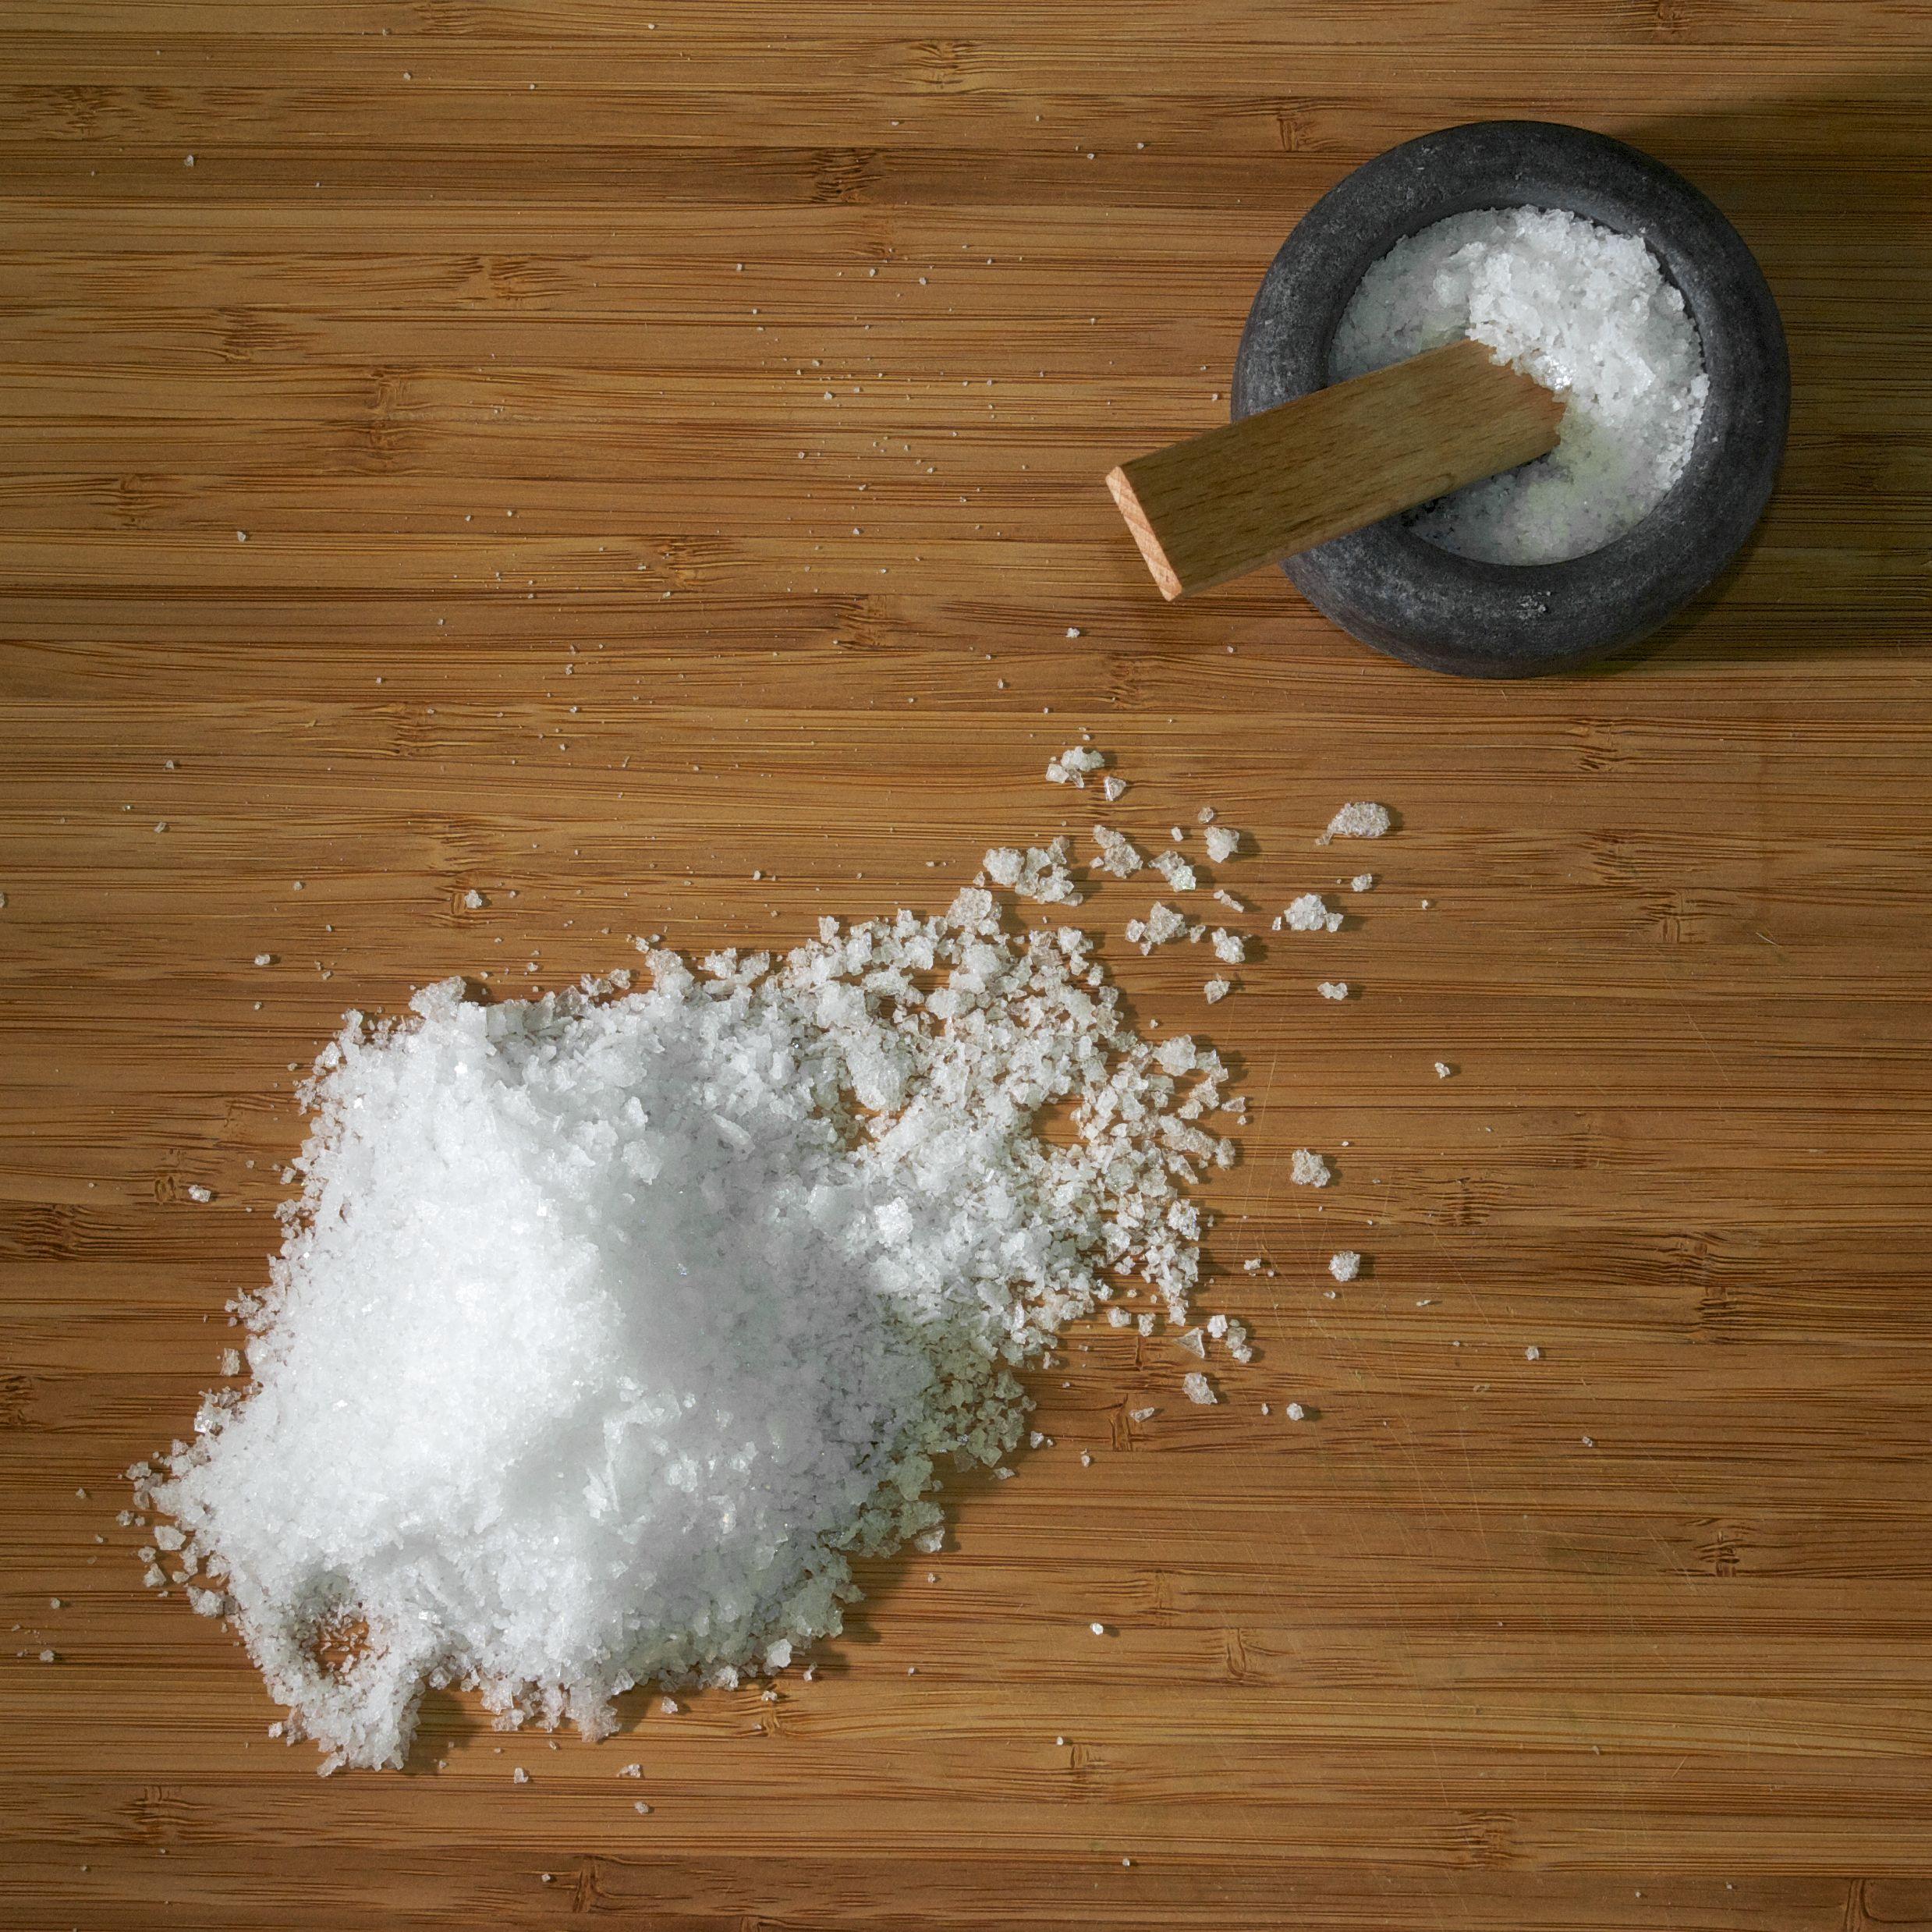 High Angle View Of Salt On Table